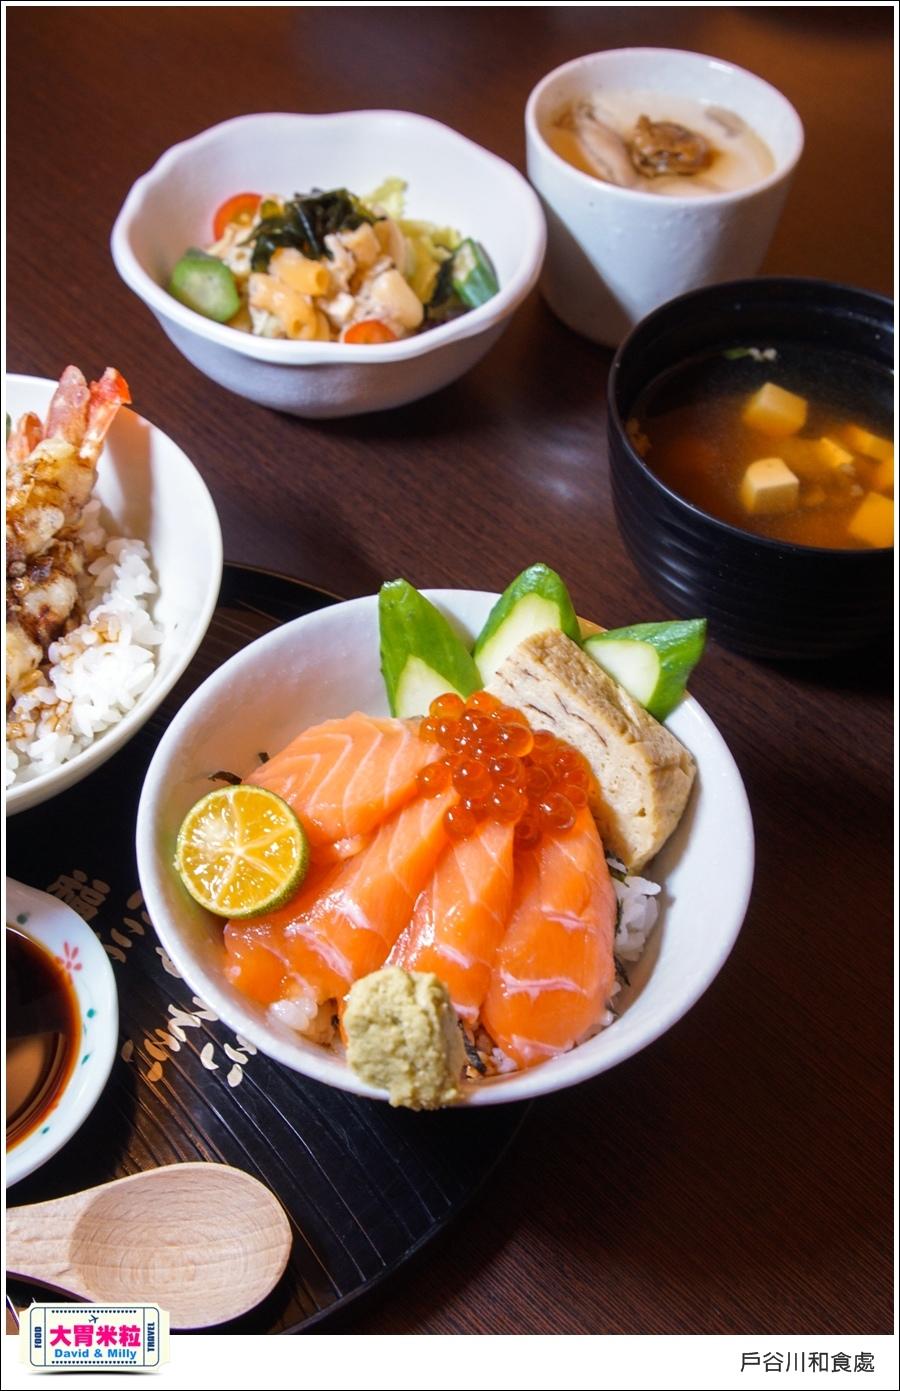 高雄美術館日式料理推薦@戶谷川和食處迷你丼飯@大胃米粒028.jpg